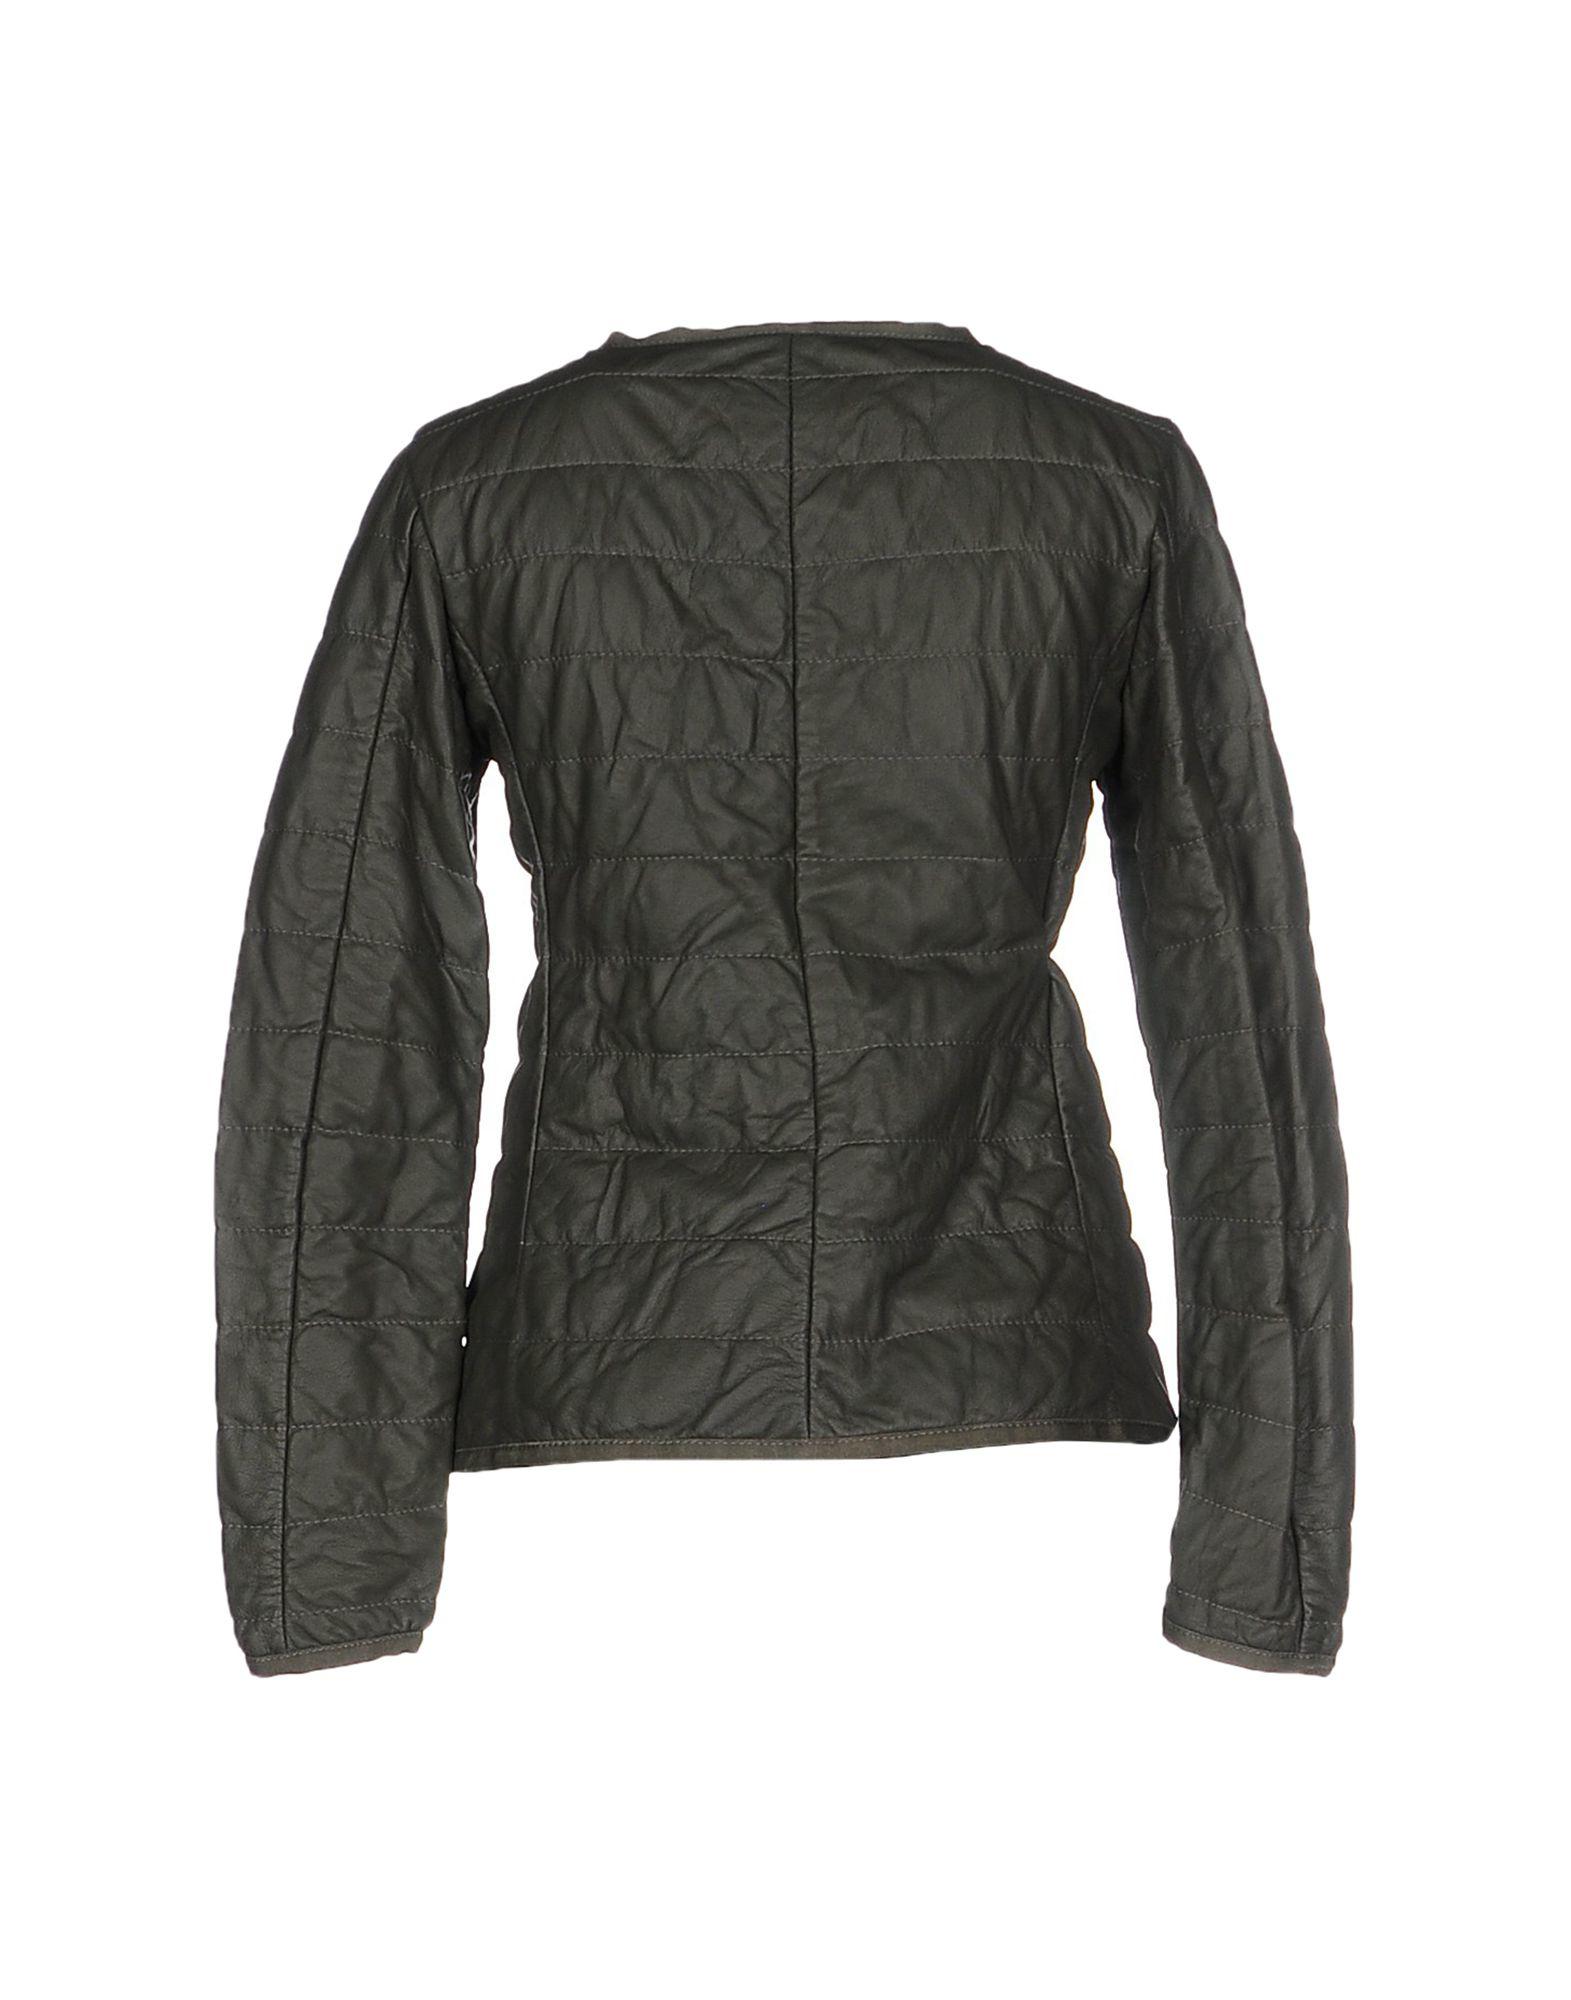 Vintage de luxe Jacket in Green